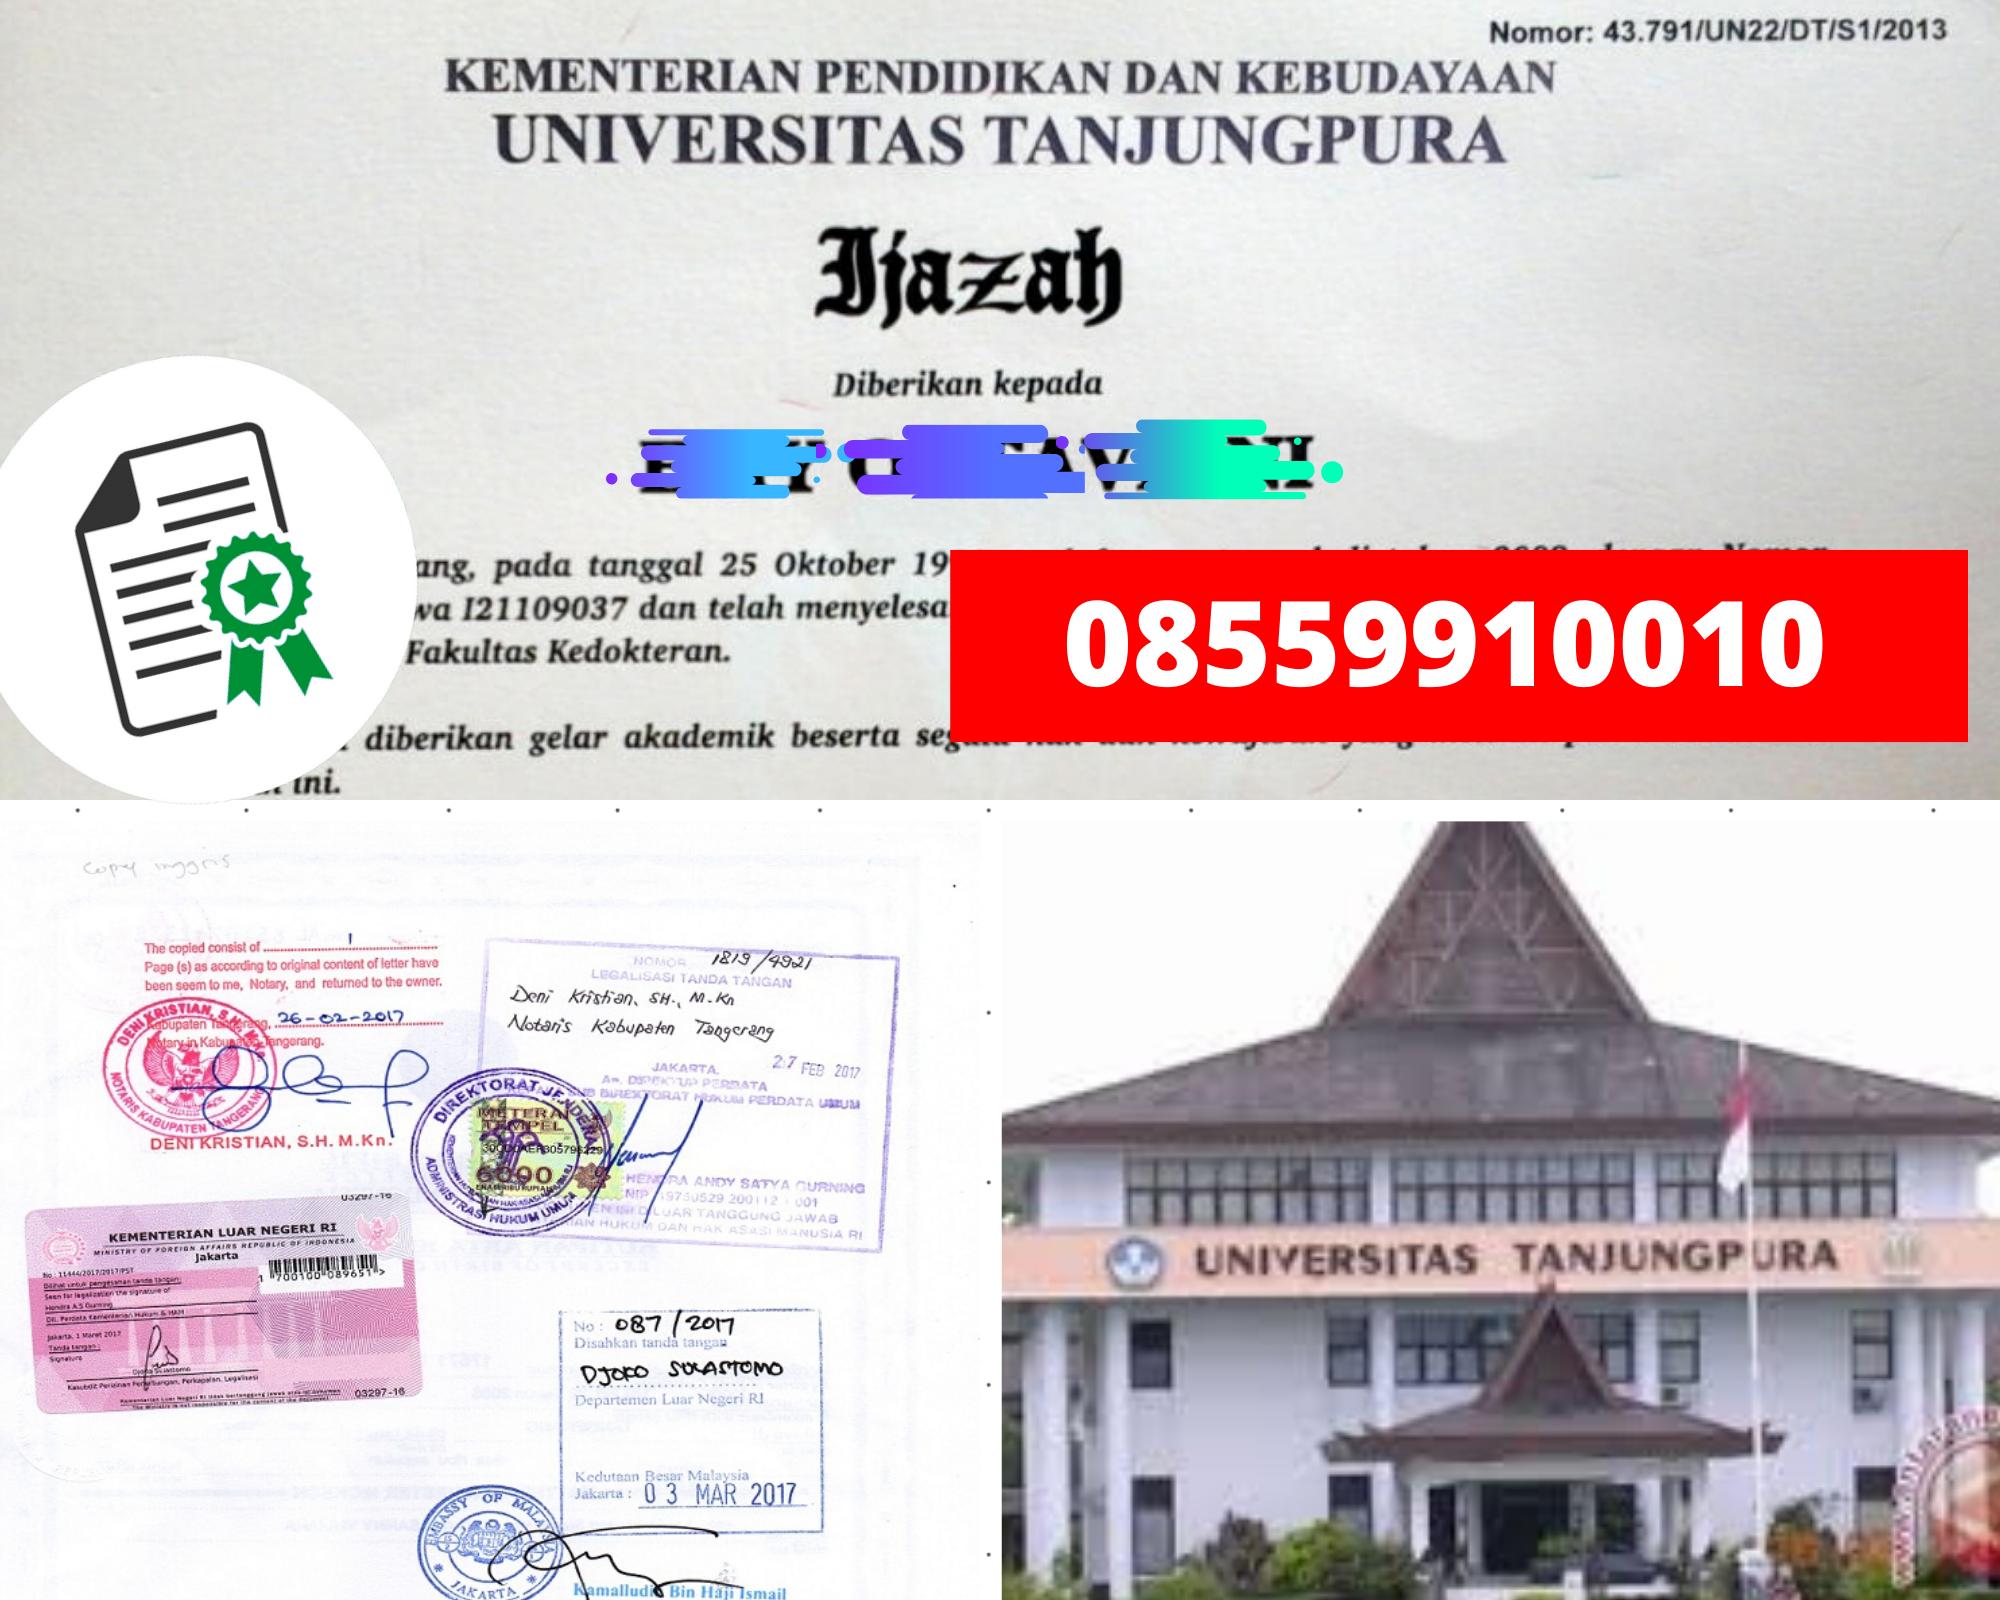 Legalisir Ijazah Universitas Tanjungpura Di Kemenristek Dikti    08559910010